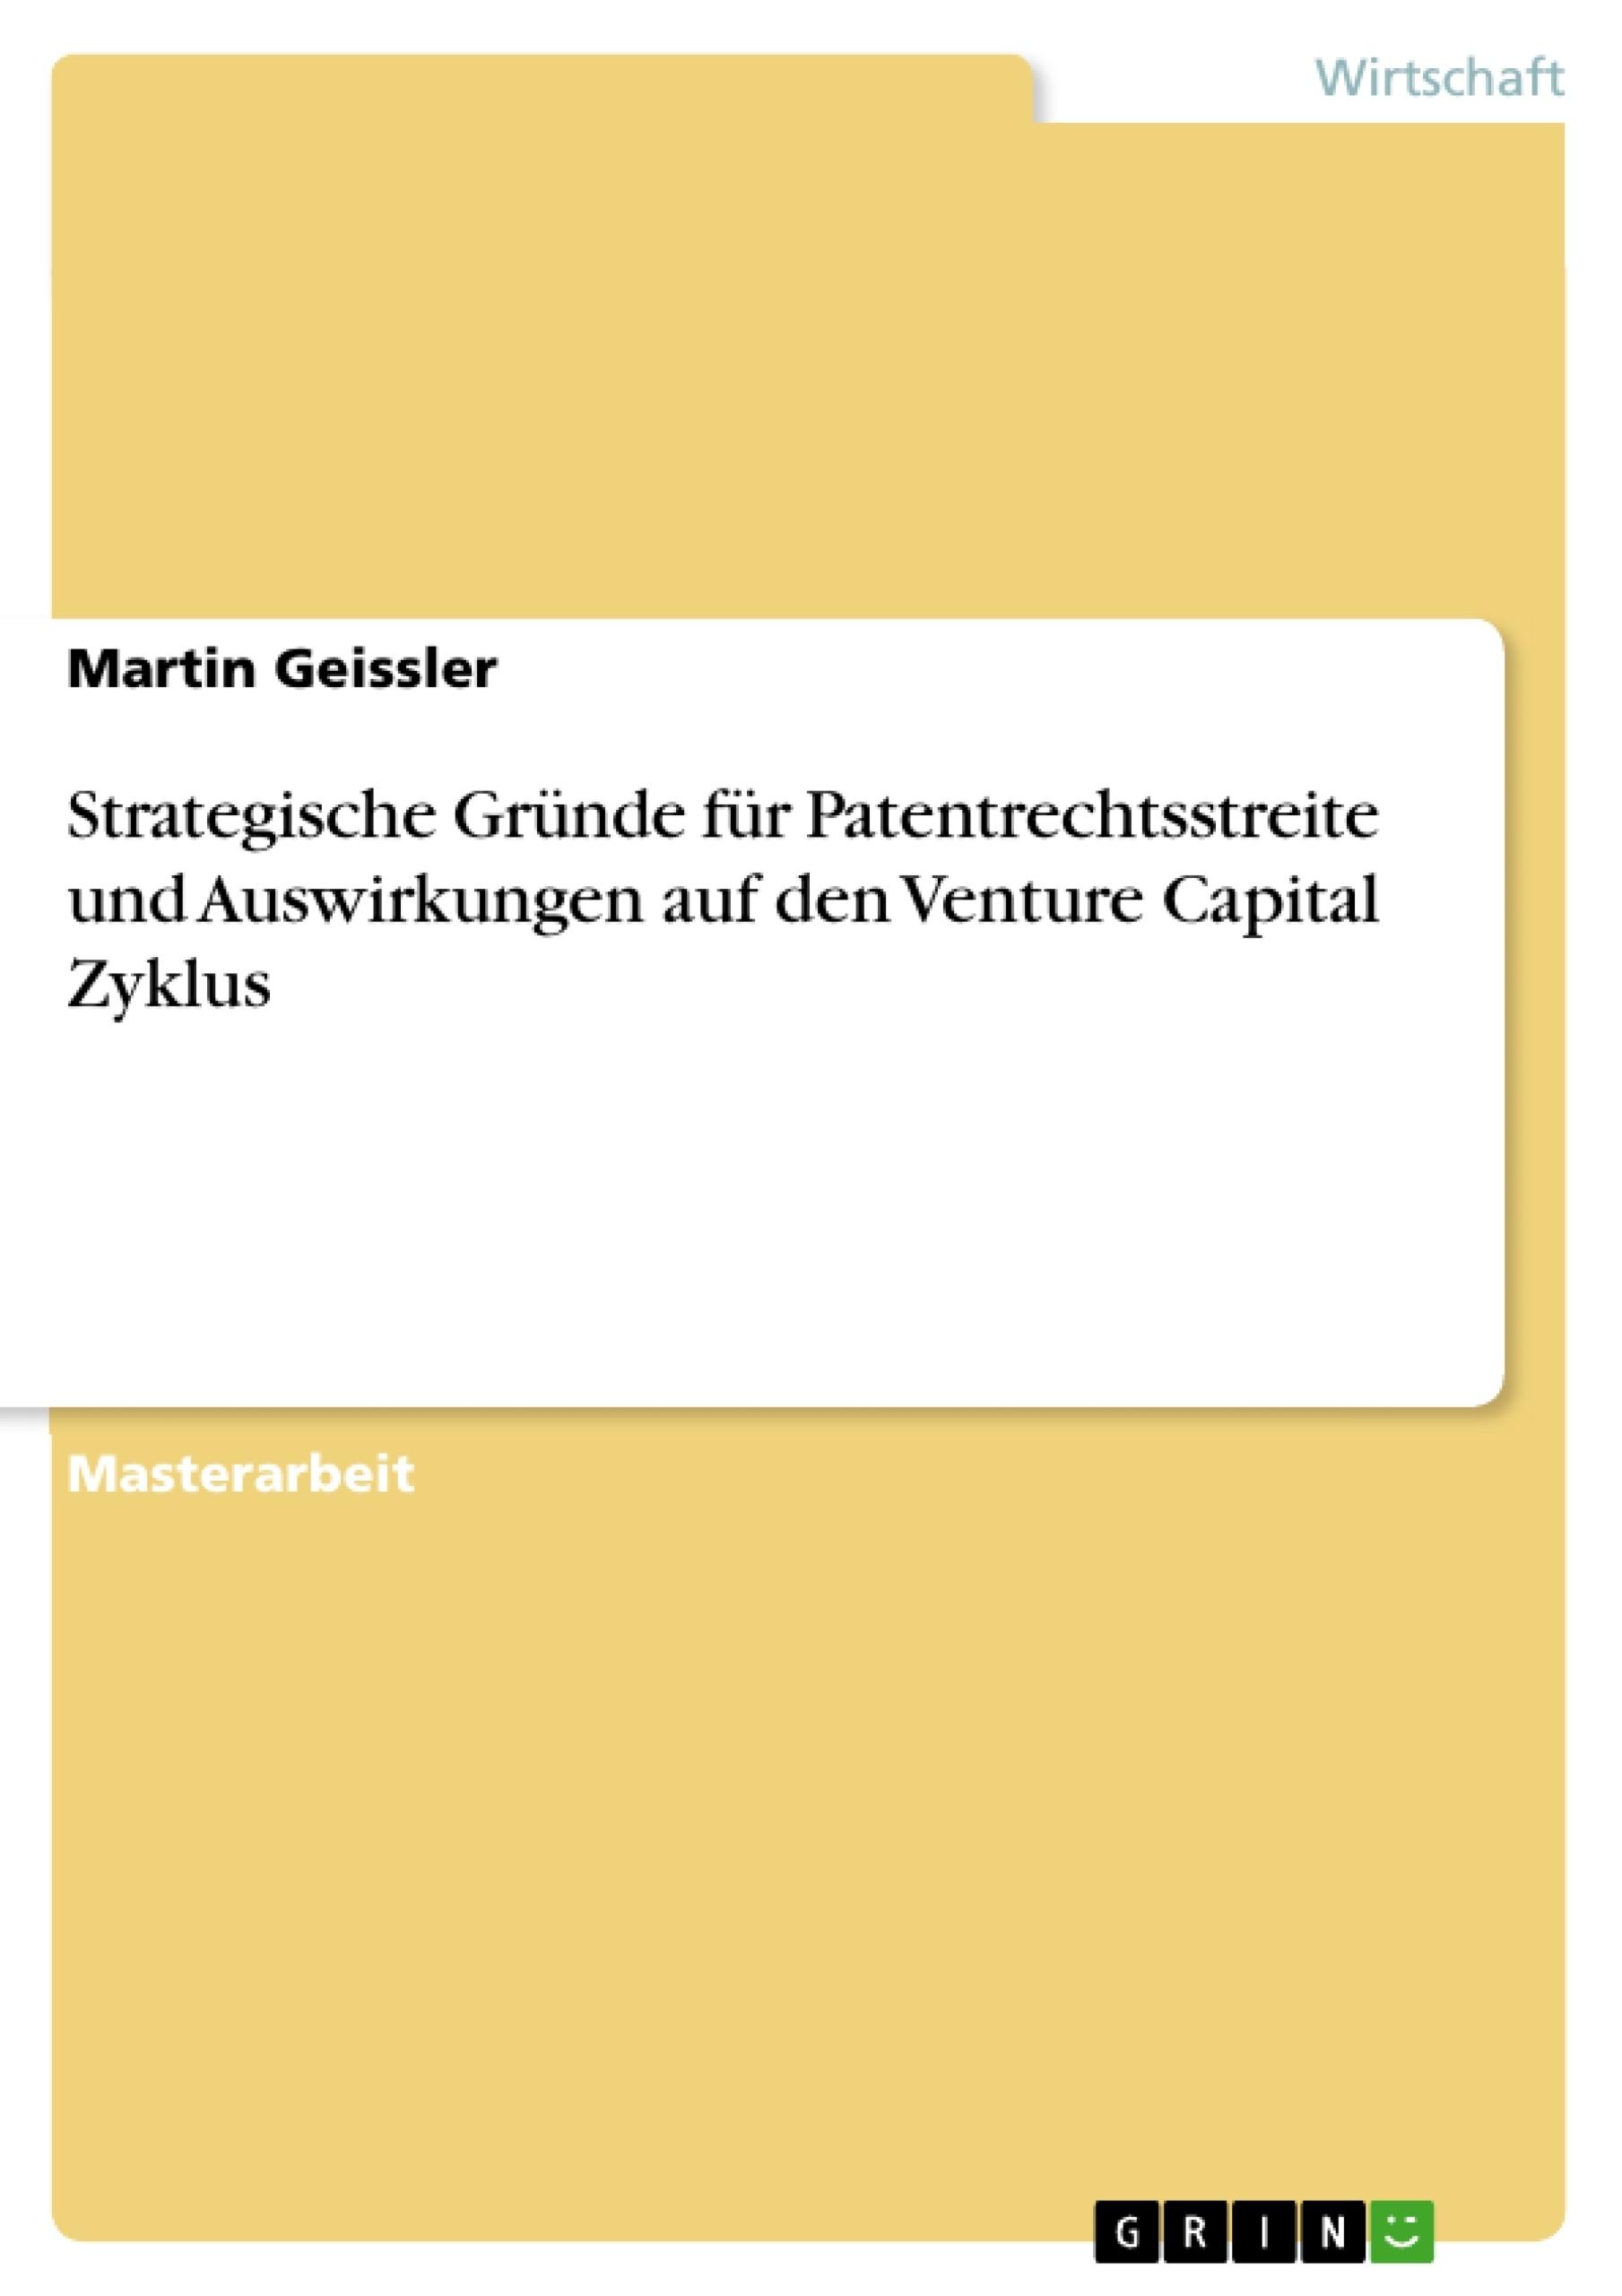 Titel: Strategische Gründe für Patentrechtsstreite und Auswirkungen auf den Venture Capital Zyklus